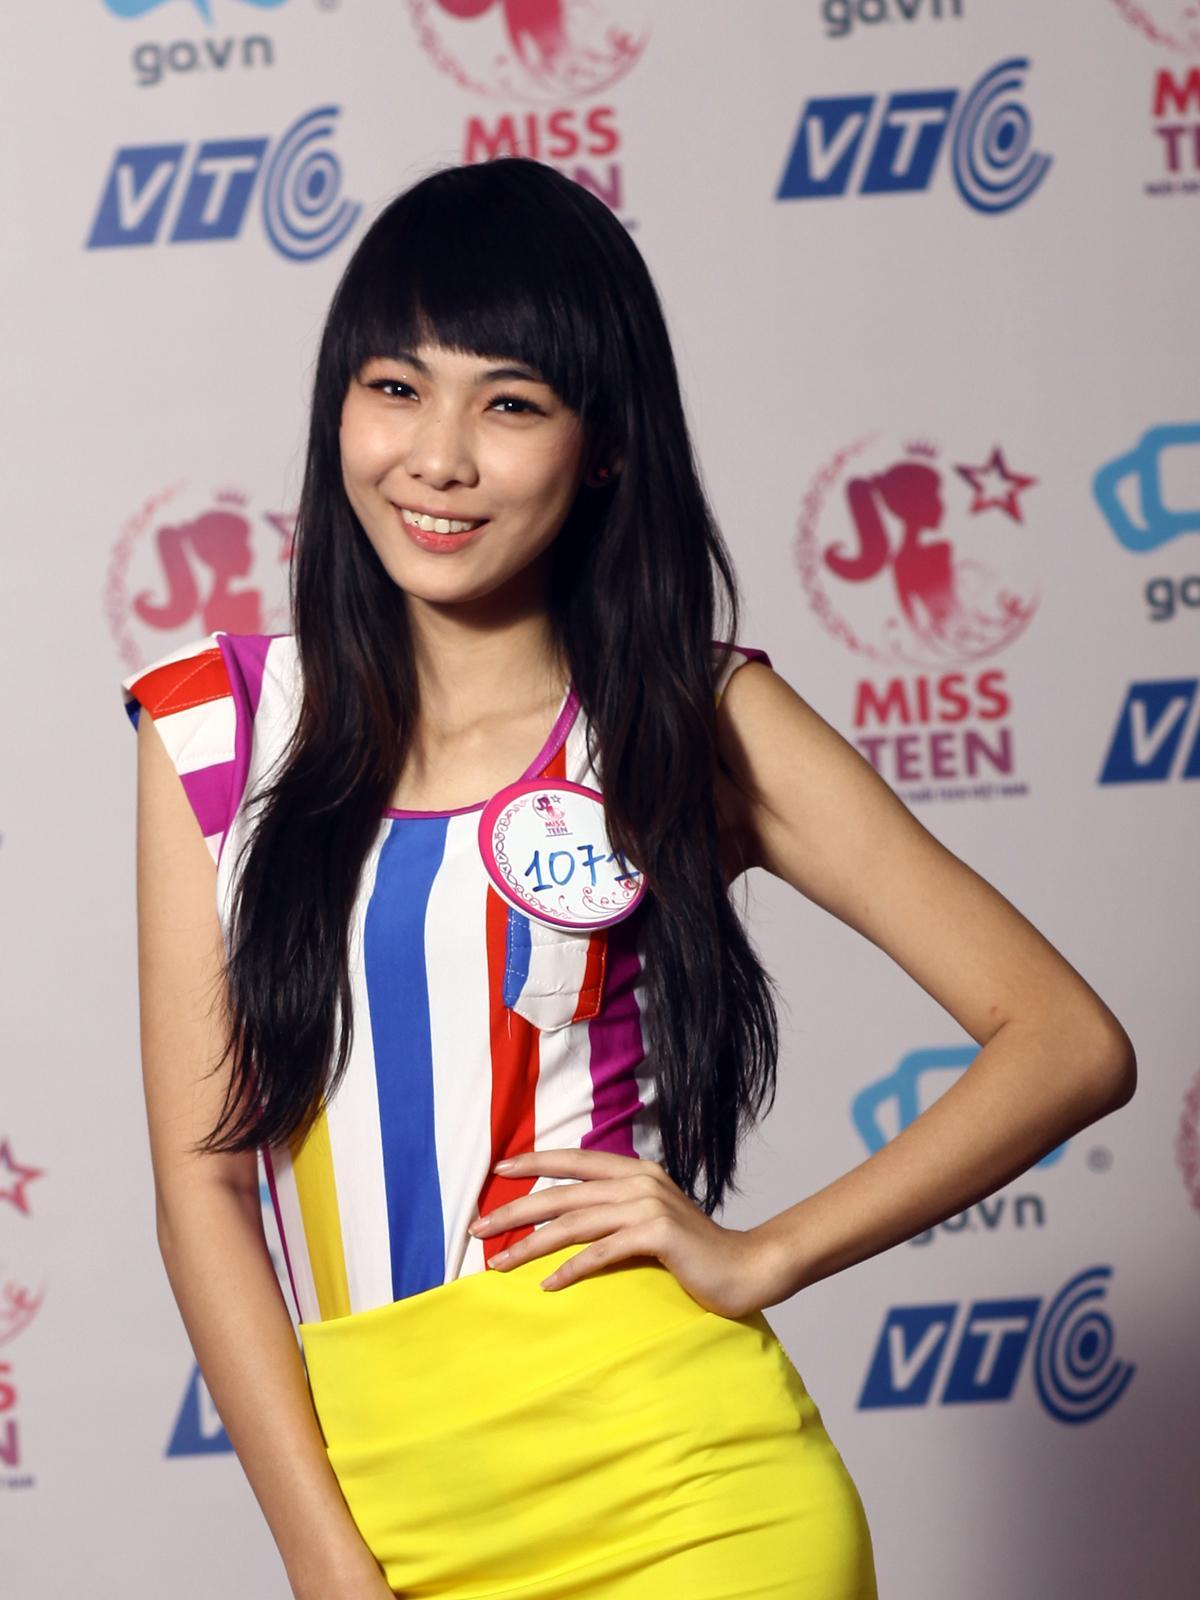 miss teen vietnam 2011 part 14 - Vietnamese girls